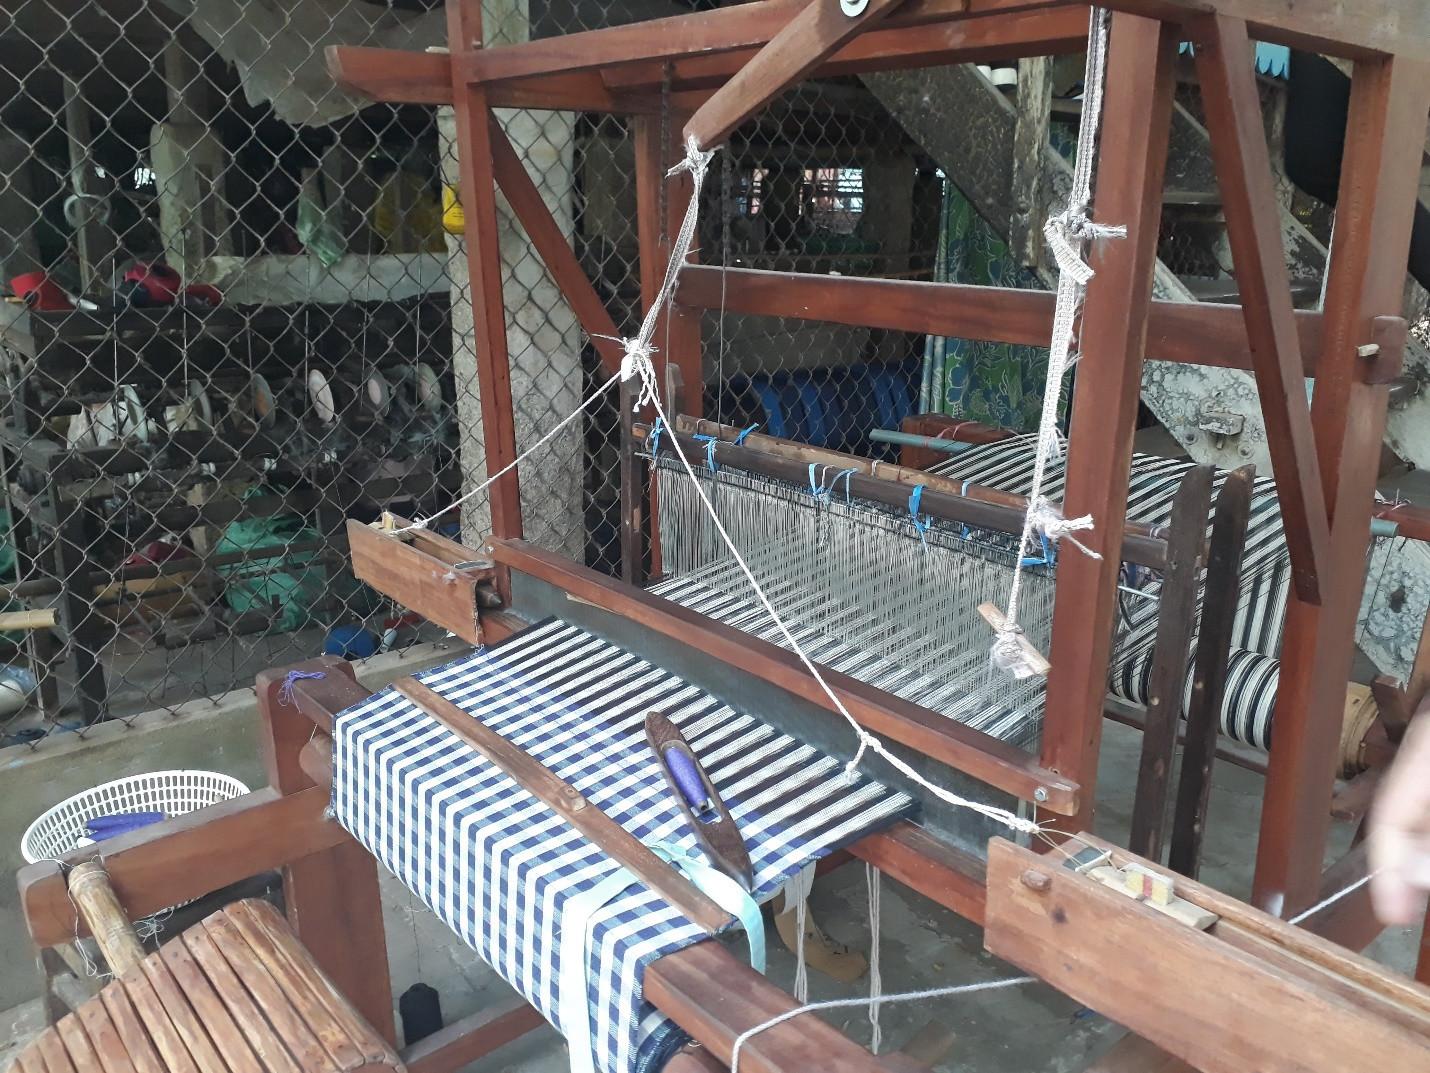 Làng nghề dệt khăn rằn trăm năm tuổi ở vùng đất sen hồng - 8